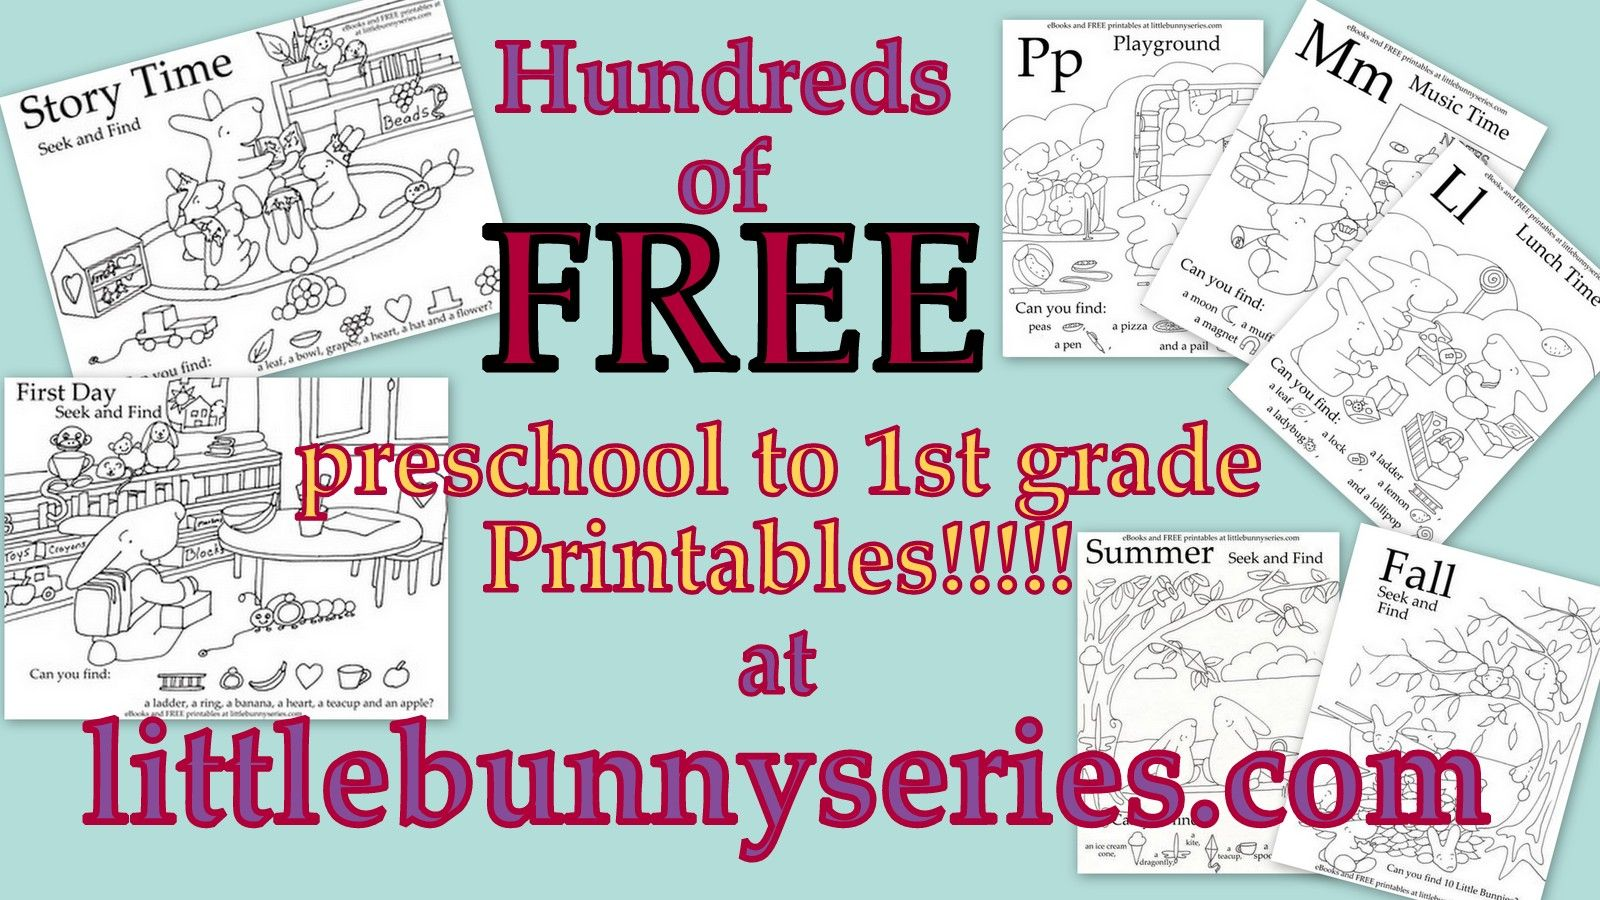 Ebooks And Hundreds Of Free Preschool To 1st Grade